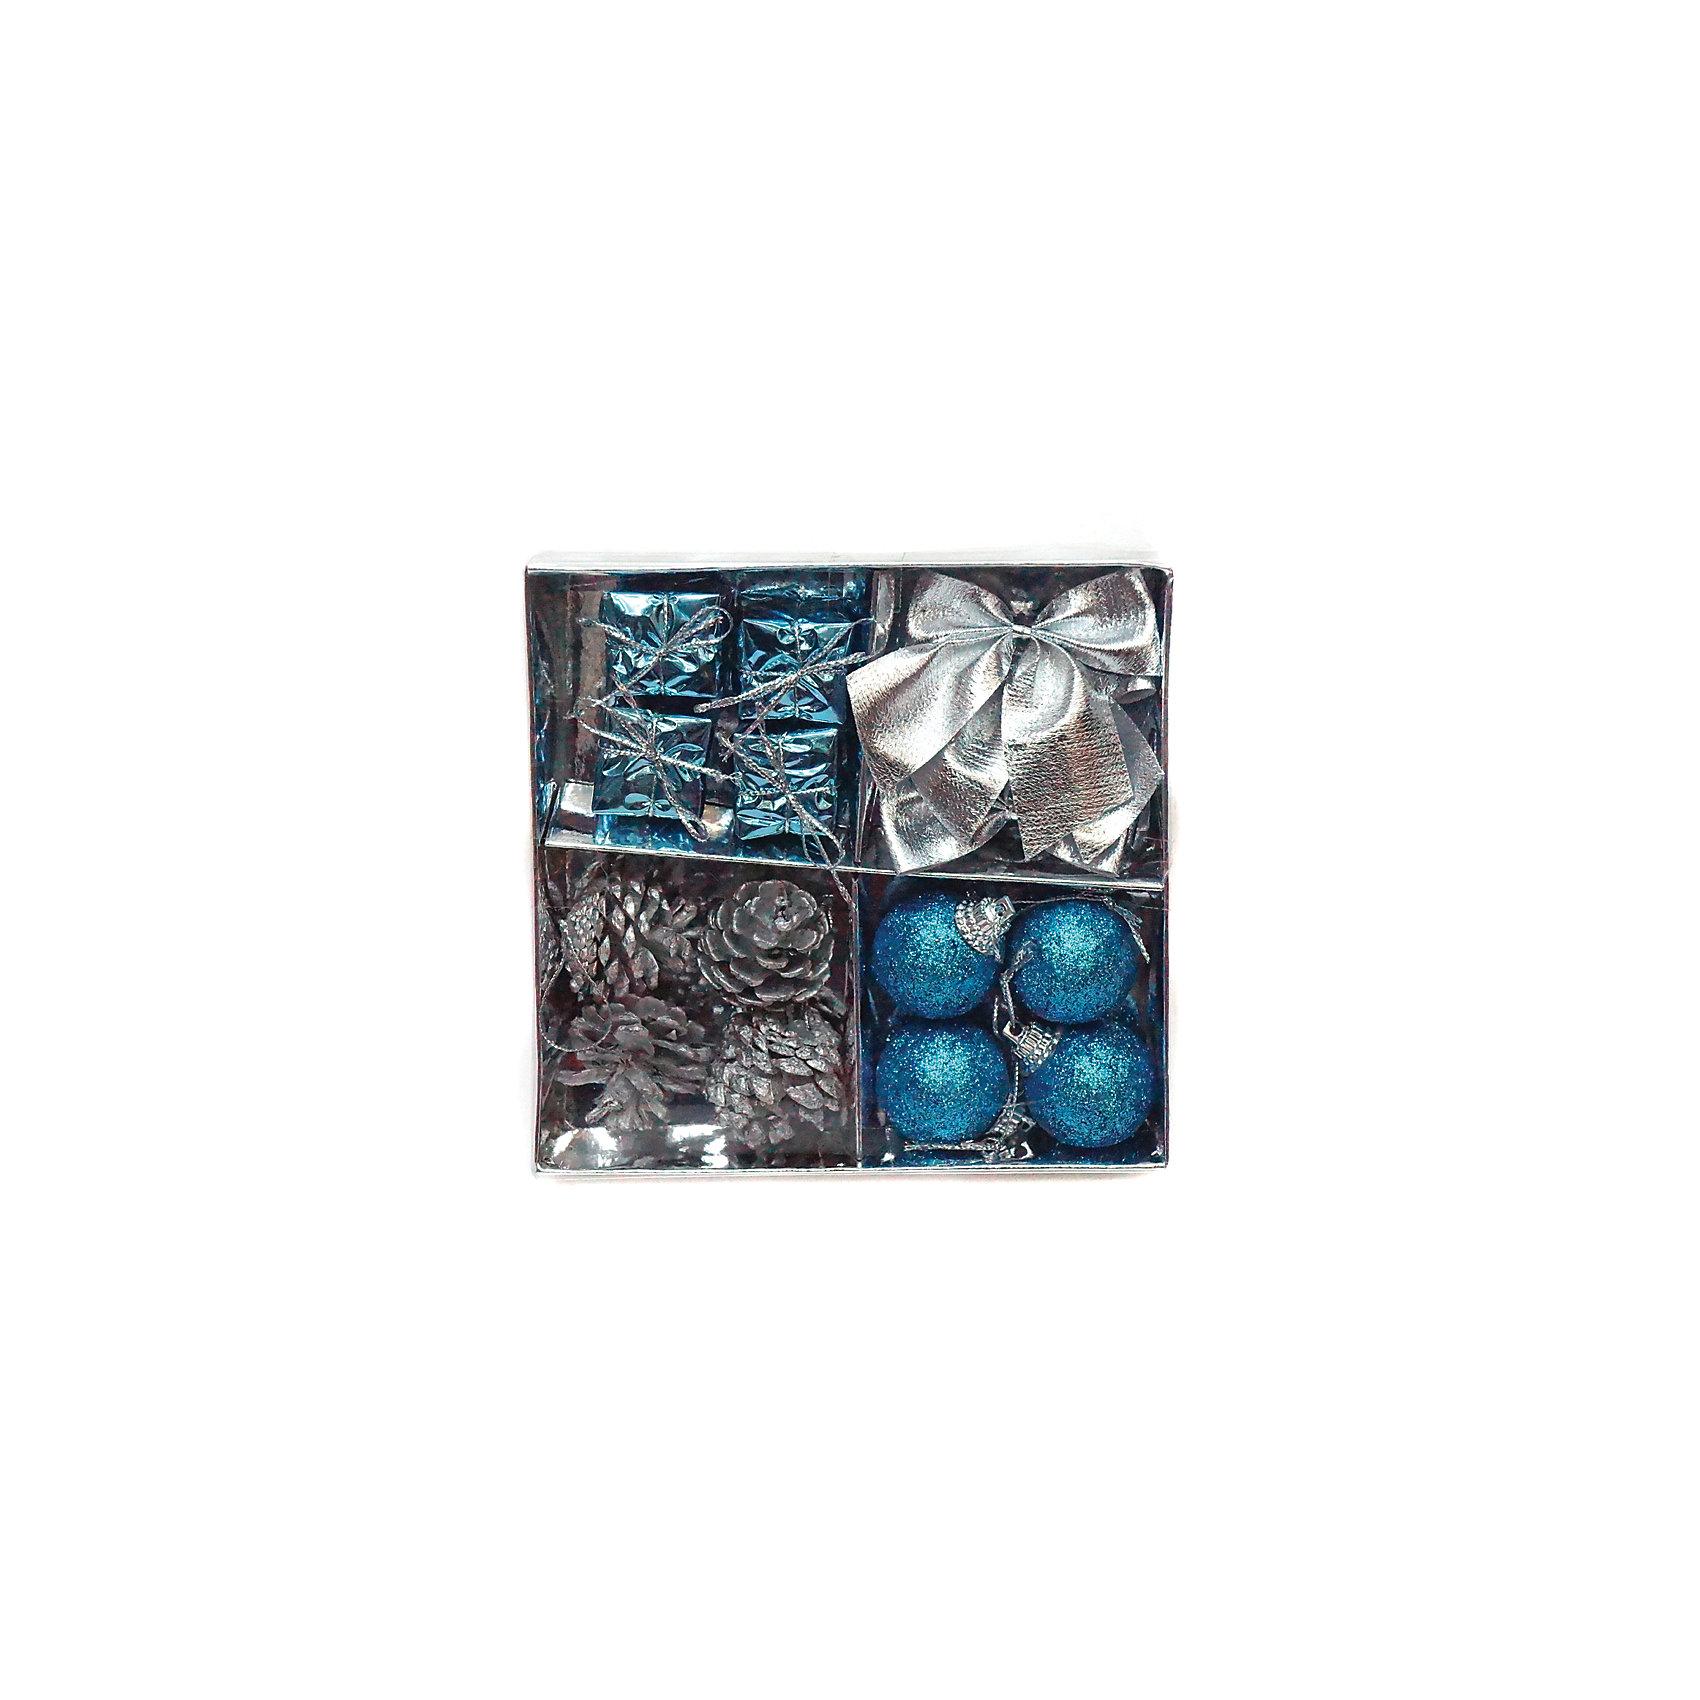 Набор елочных украшений 3 см, 16 штВсё для праздника<br>Набор декоративных елочных украшений. В набор входят разные виды украшений: шары, банты, шишки и подвески в виде подарков. Всего в наборе 16 игрушек. Цветовая гамма: серебряная и голубая.<br><br>Ширина мм: 130<br>Глубина мм: 135<br>Высота мм: 25<br>Вес г: 54<br>Возраст от месяцев: 36<br>Возраст до месяцев: 420<br>Пол: Унисекс<br>Возраст: Детский<br>SKU: 5078434